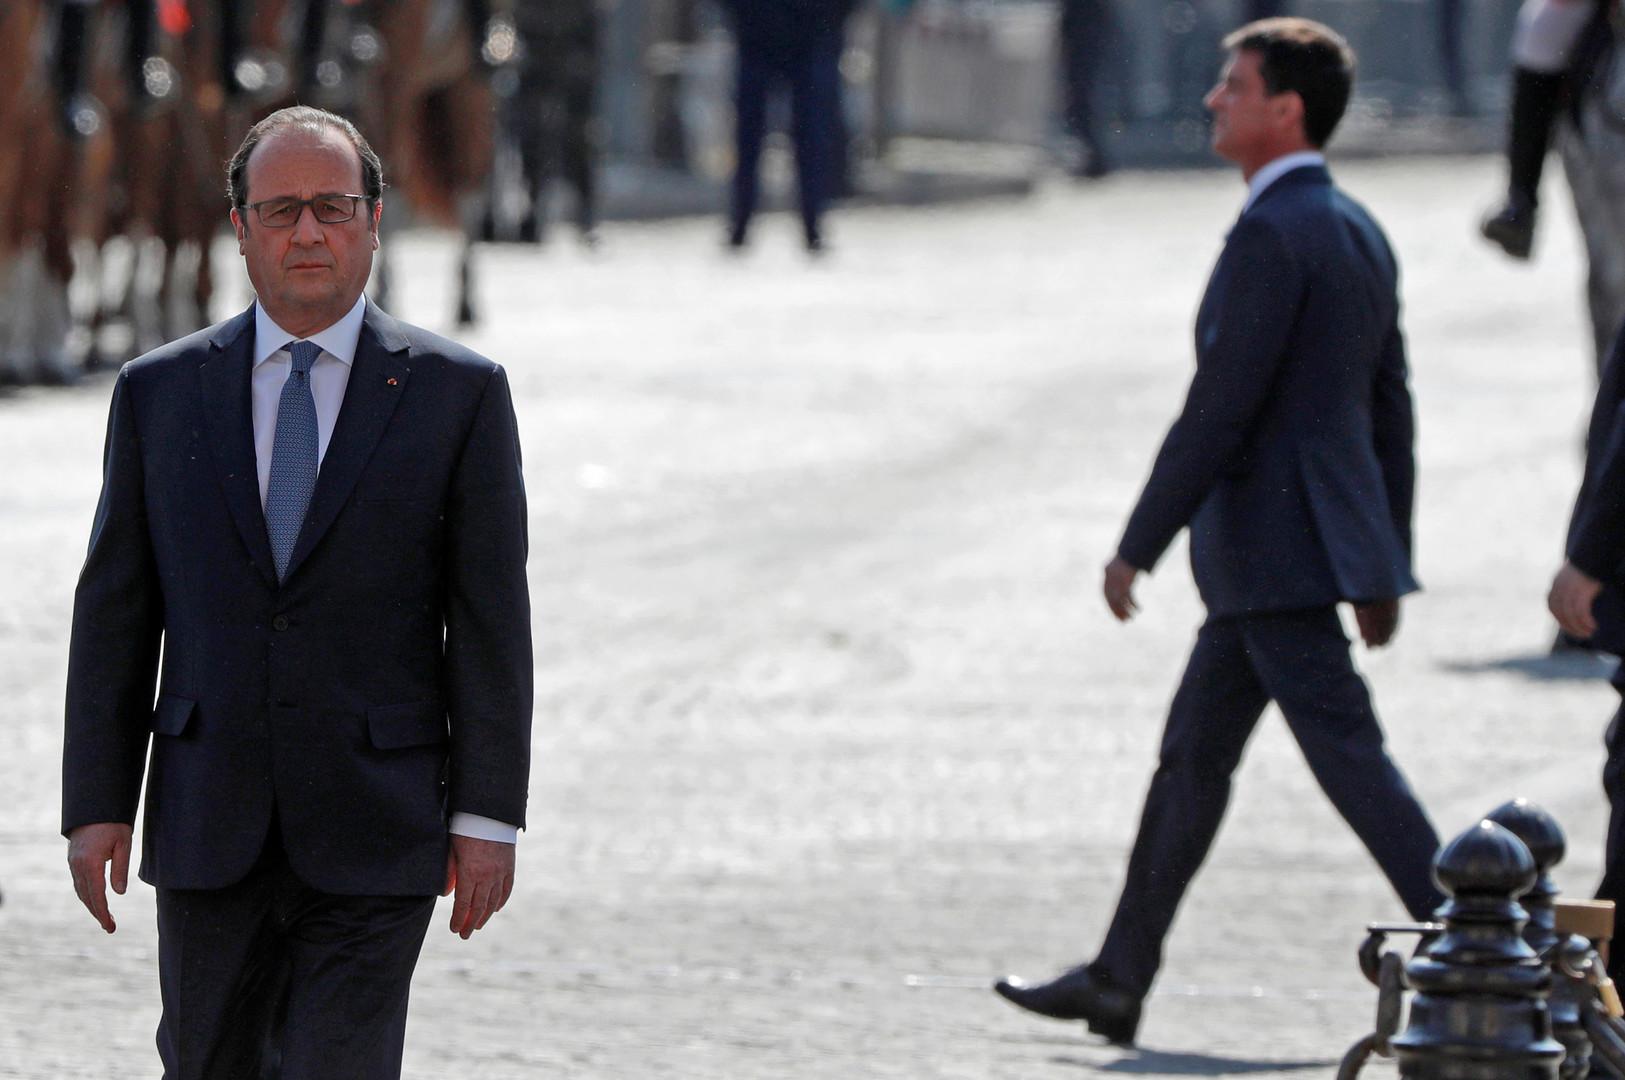 Effondrement de la cote de popularité de François Hollande et de Manuel Valls